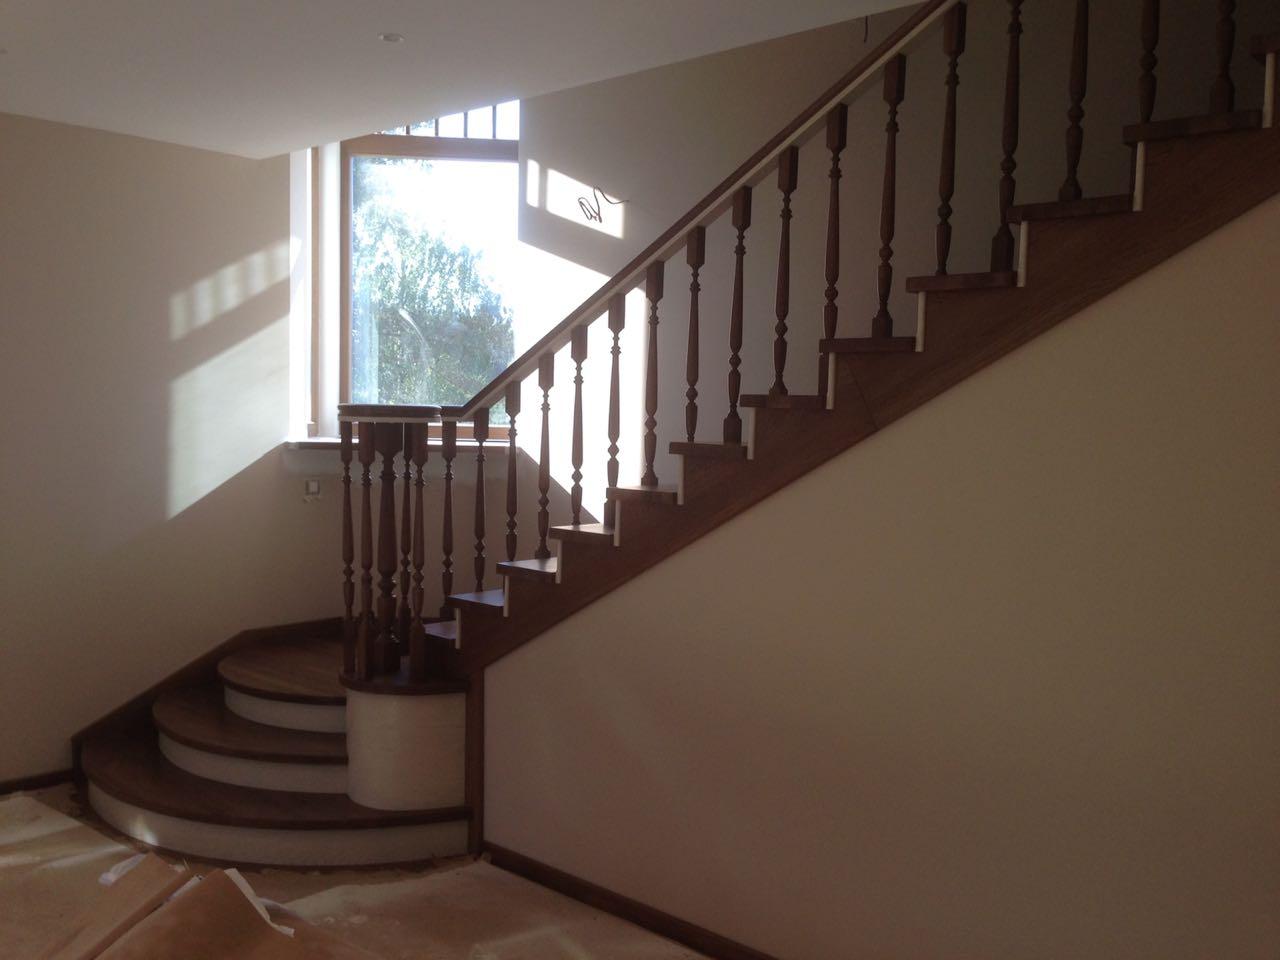 Лестница с радиальными ступенями лестницы, мебель, интерьеры